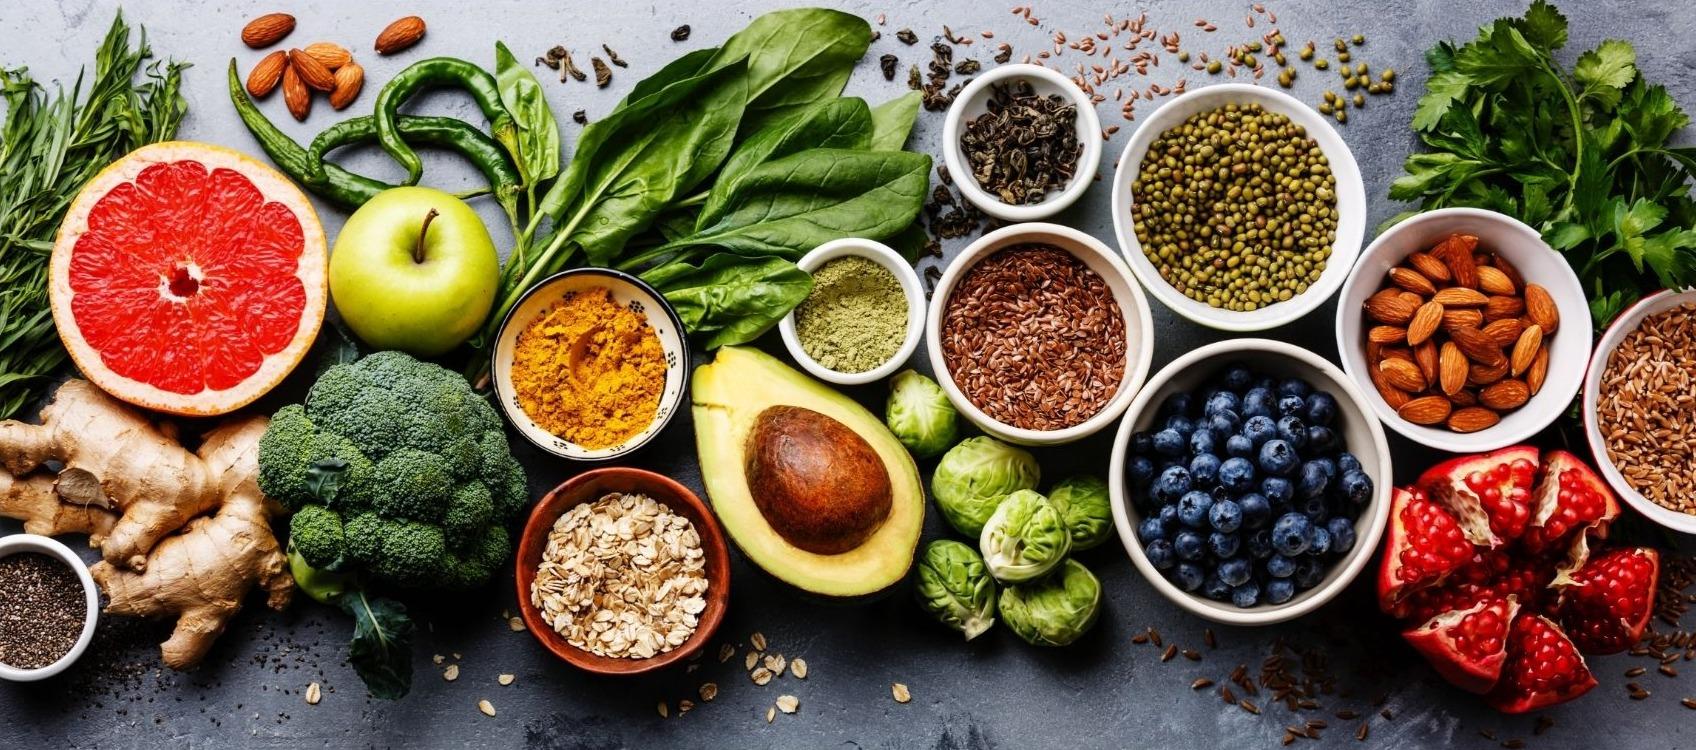 Mediterranean Diet Gets Rave Reviews